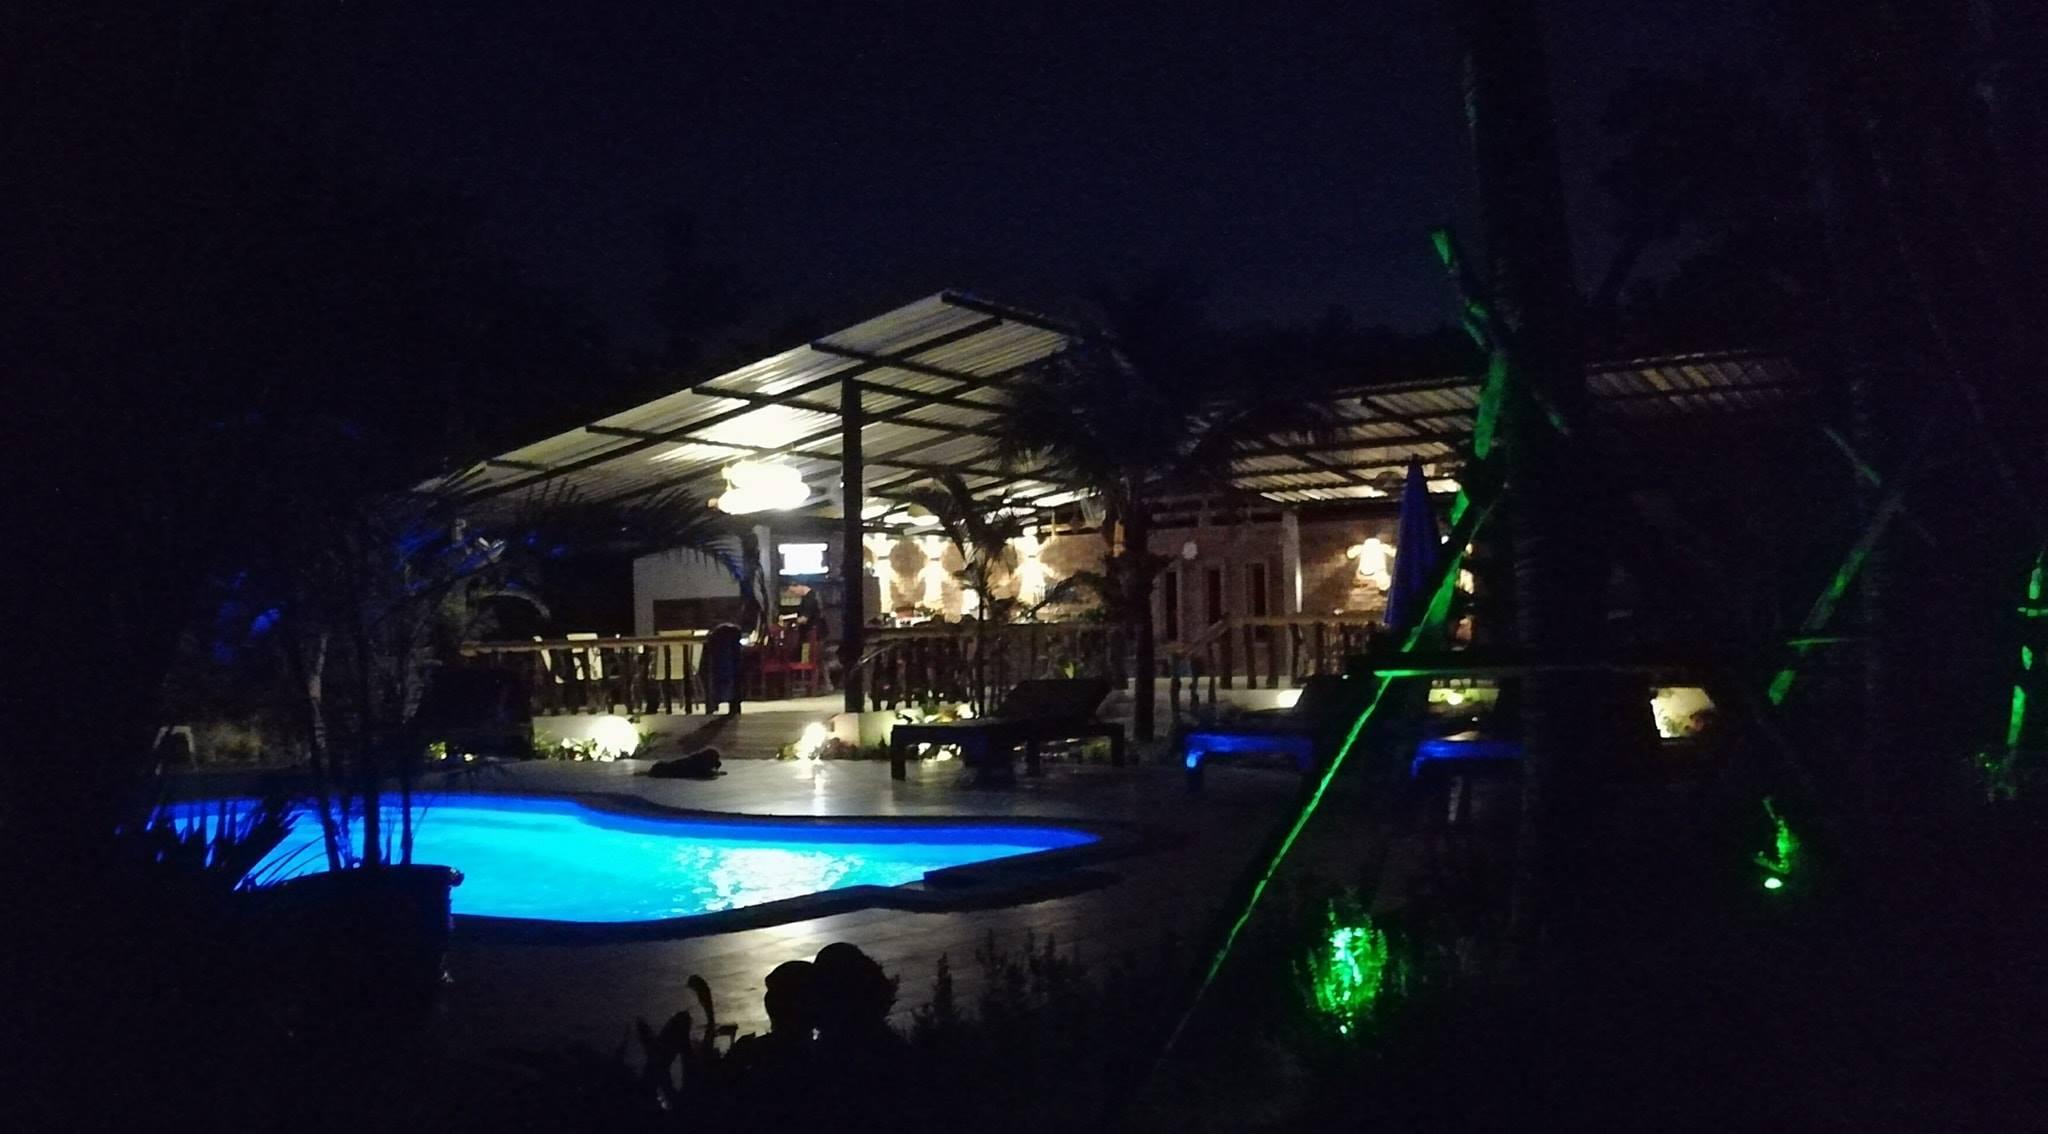 Der Pool leuchtet in verschiedenen Farben